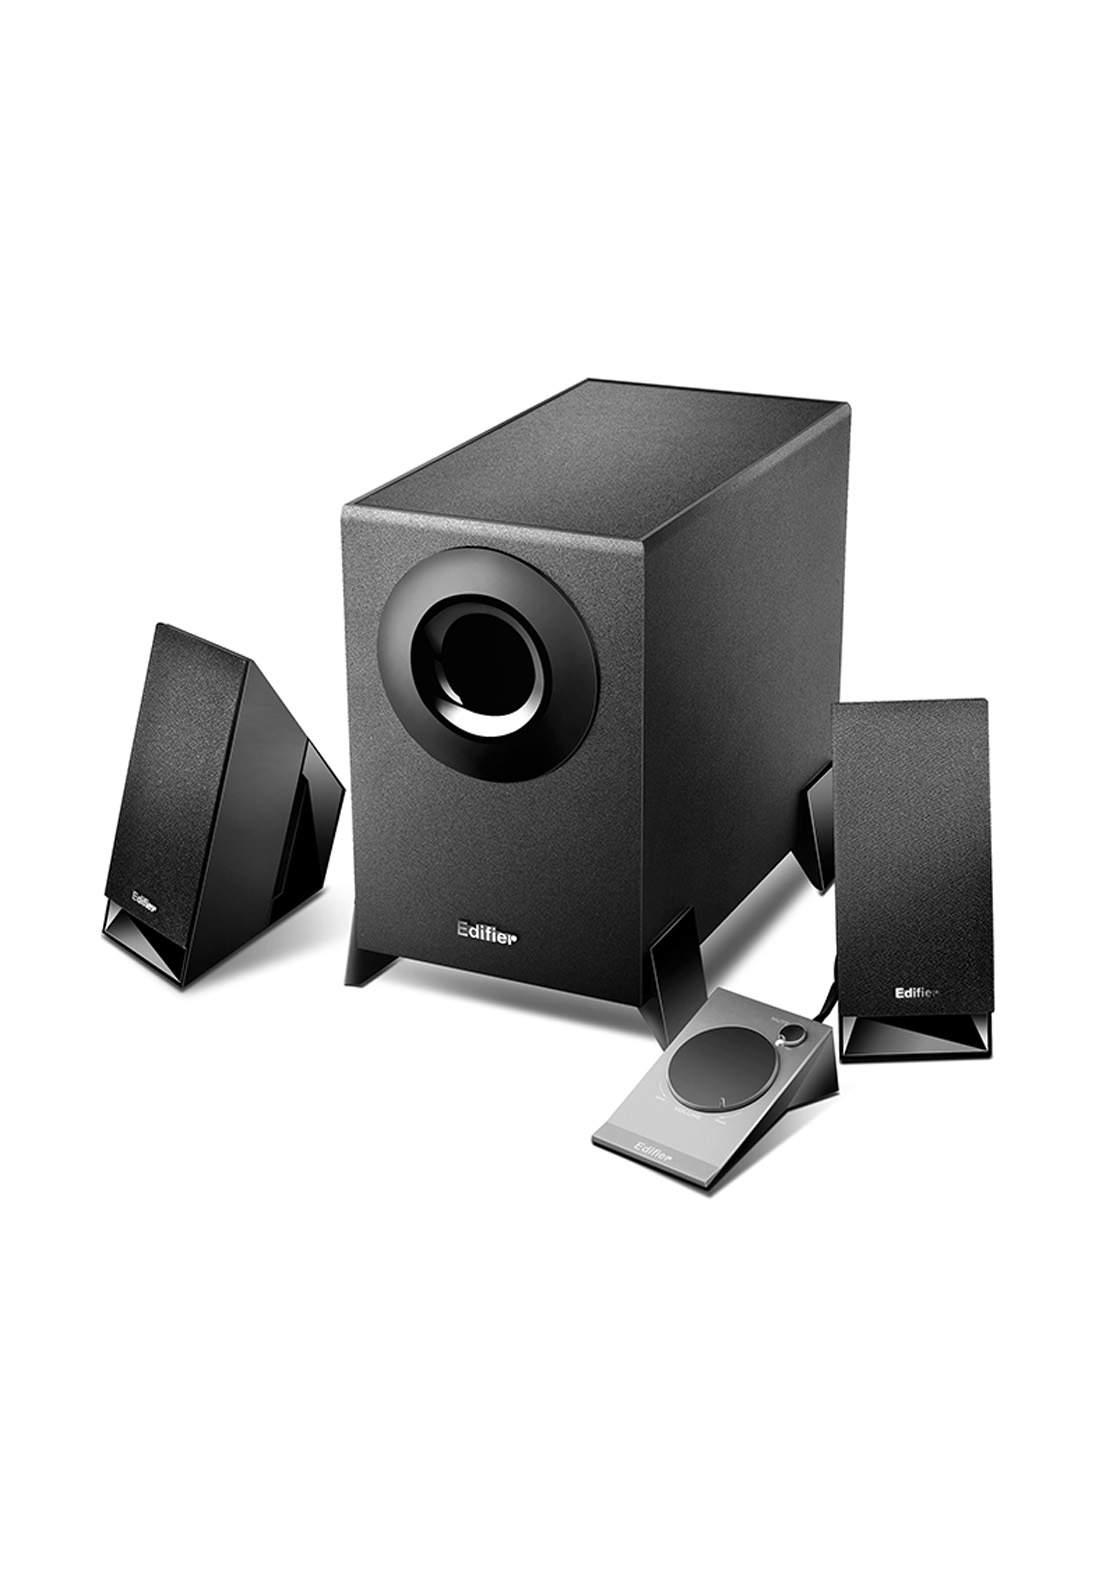 Edifier M1360 2.1 Multimedia Speaker System - Black مضخم صوت